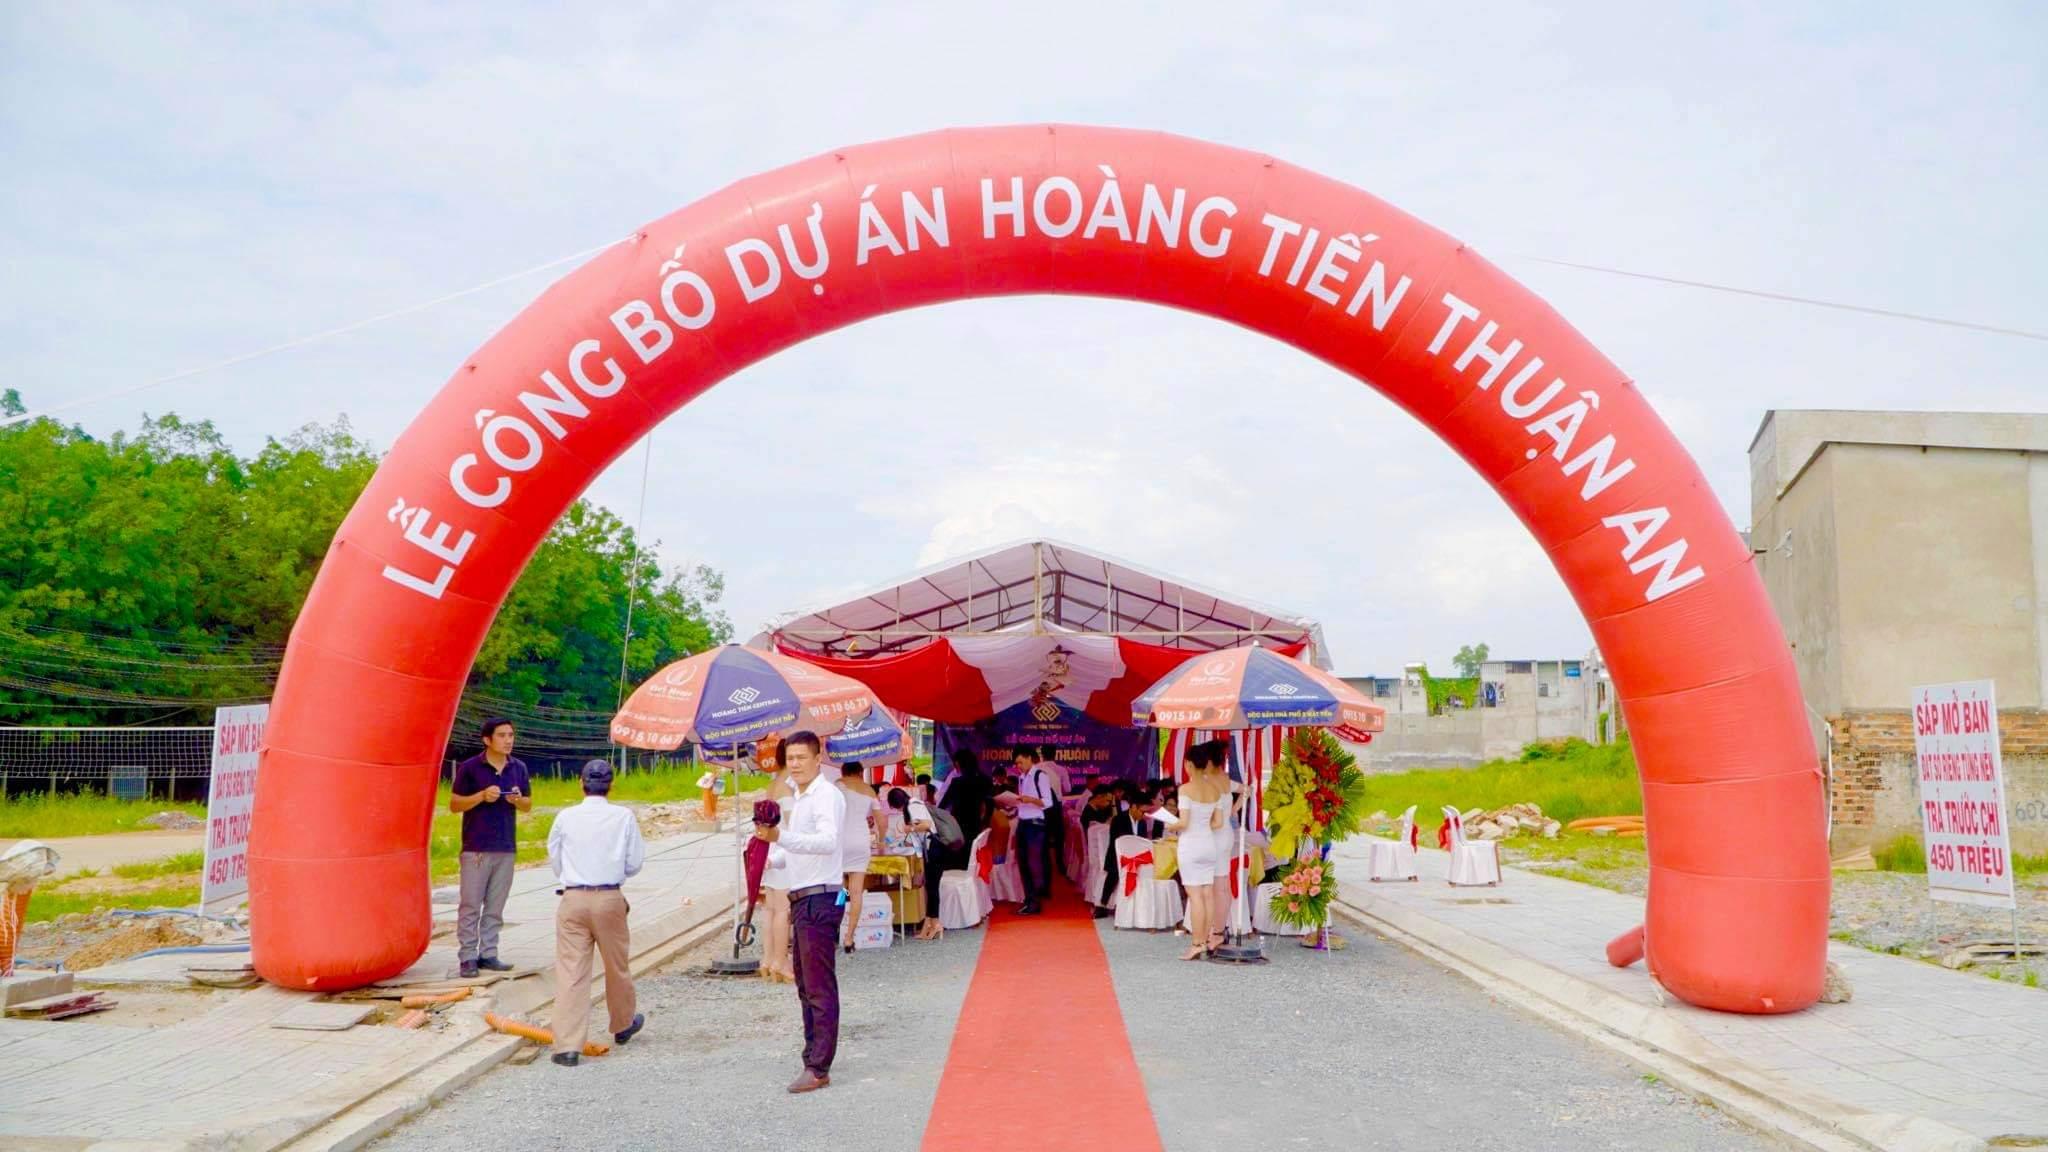 Đất TP. Thuận An, miếng bánh ngon cho nhà đầu tư 1